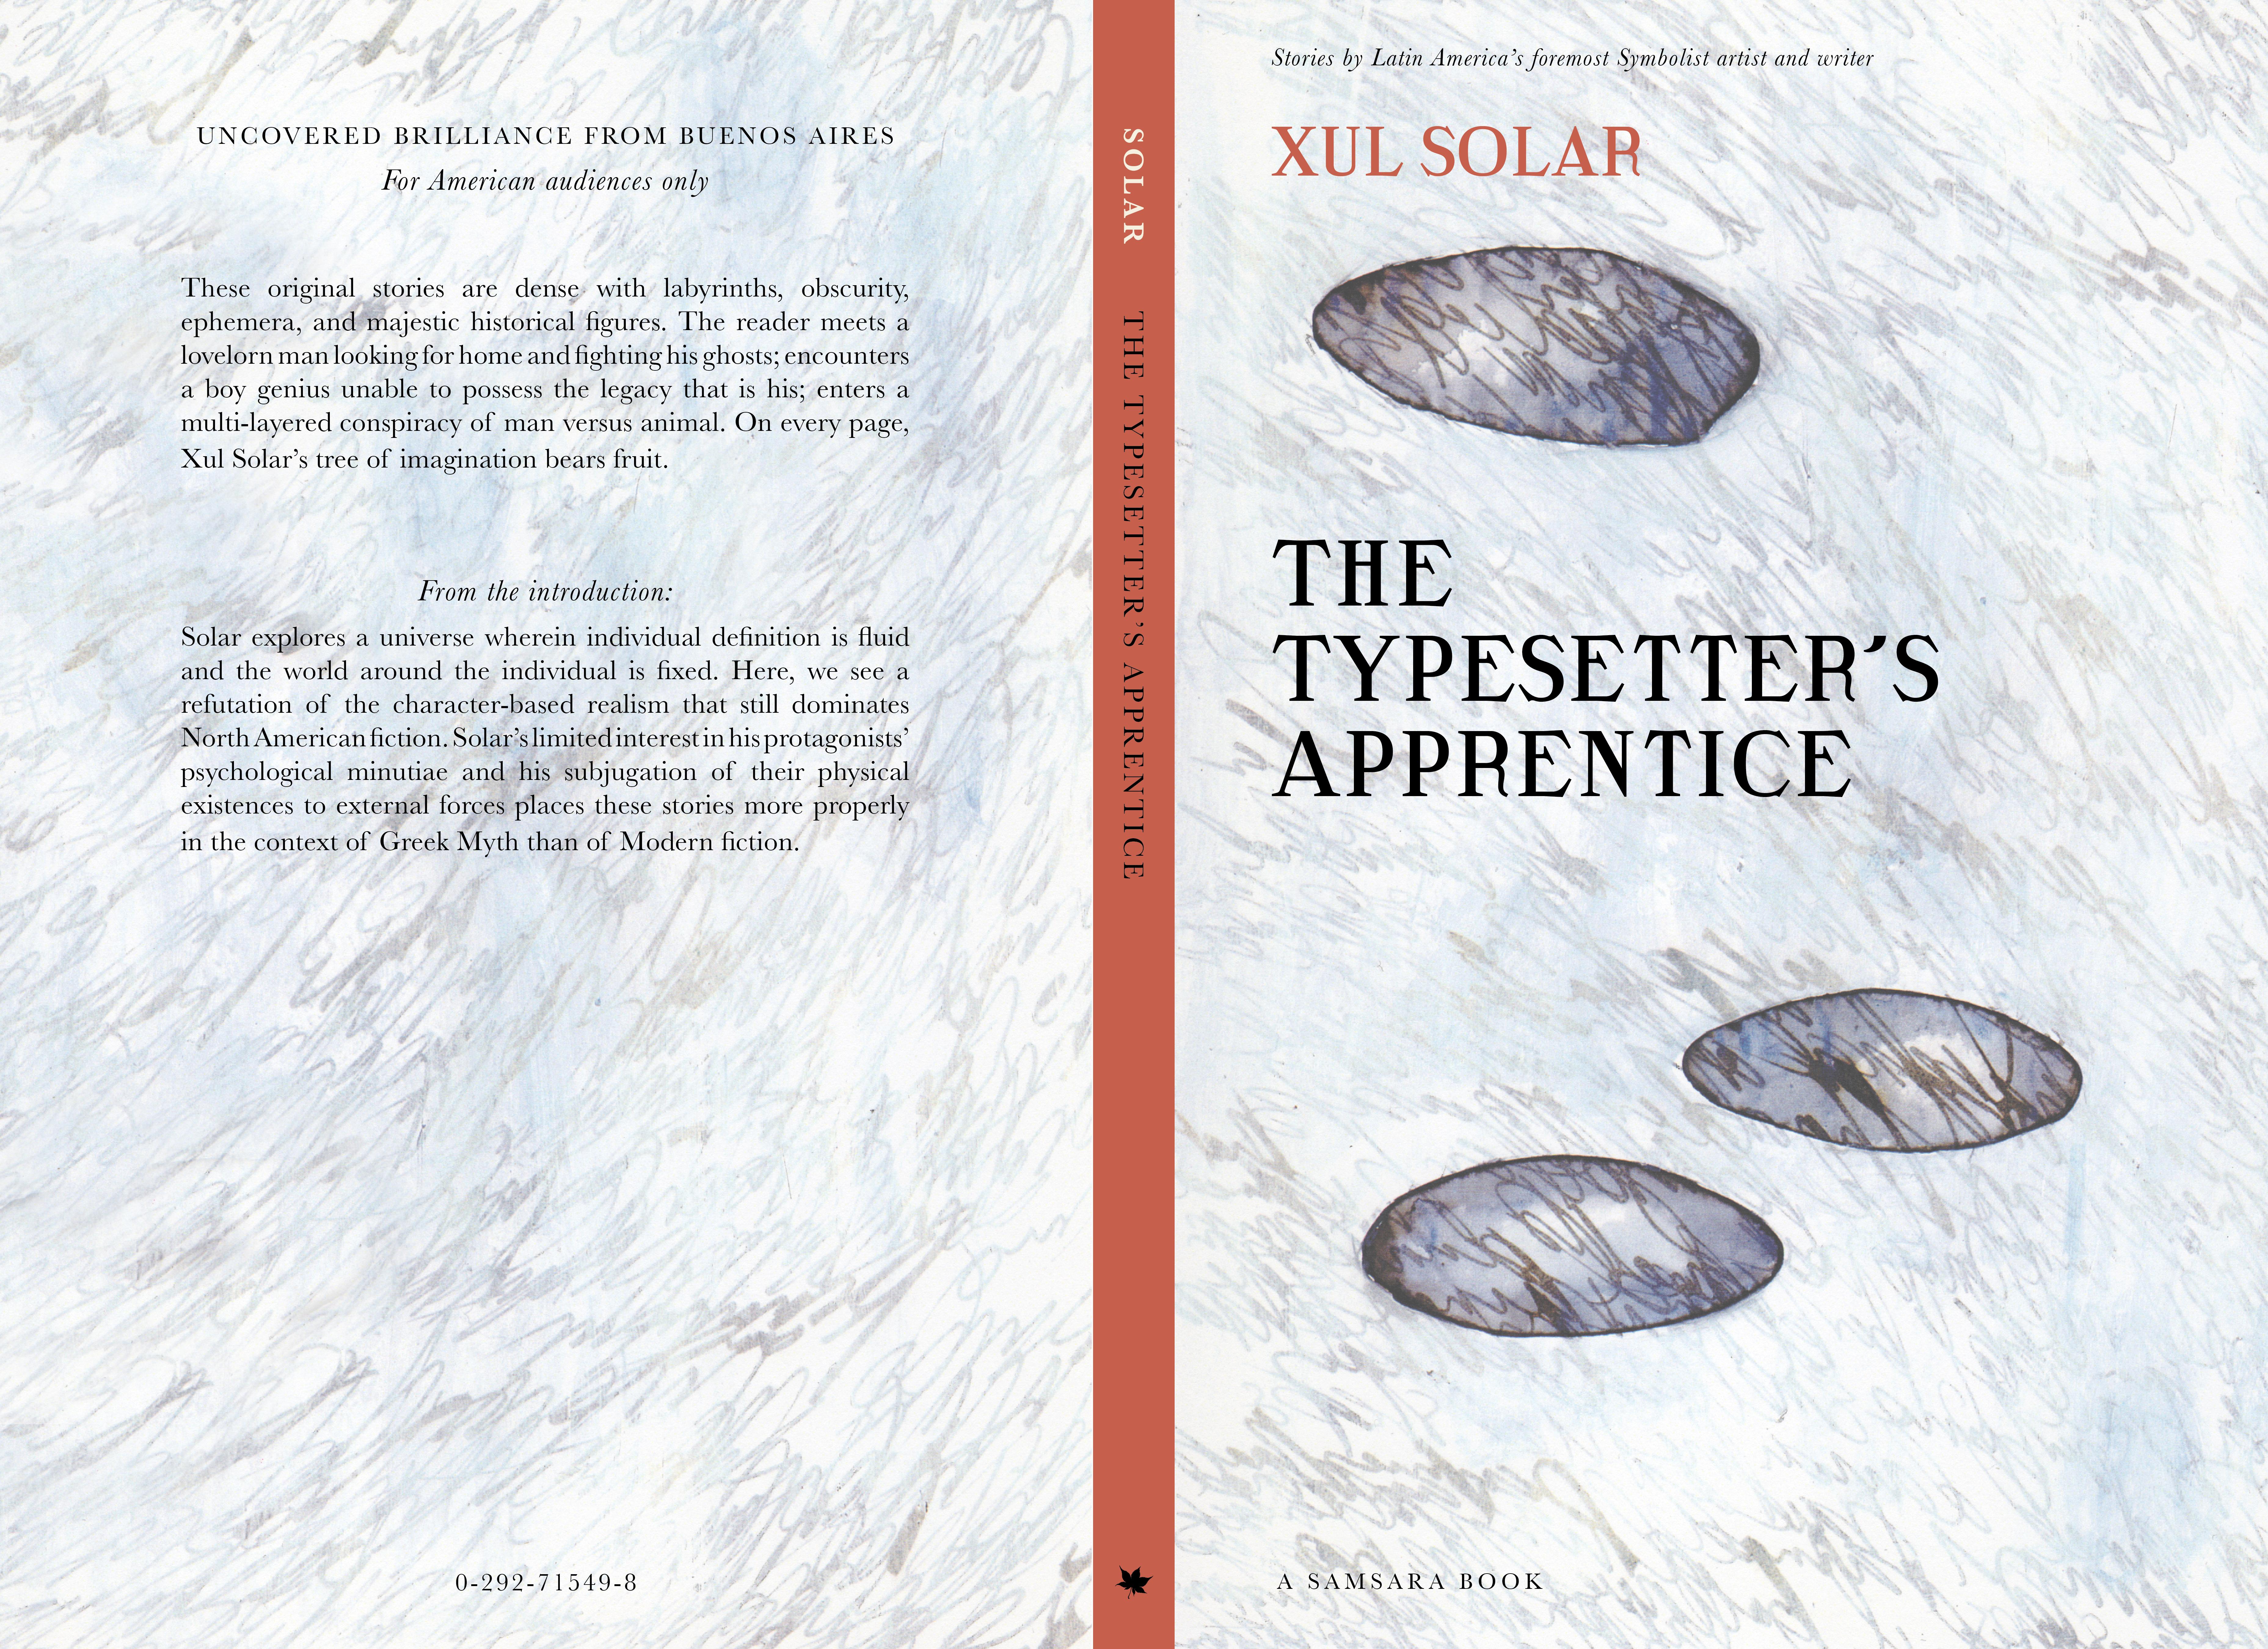 The Typesetter's Apprentice